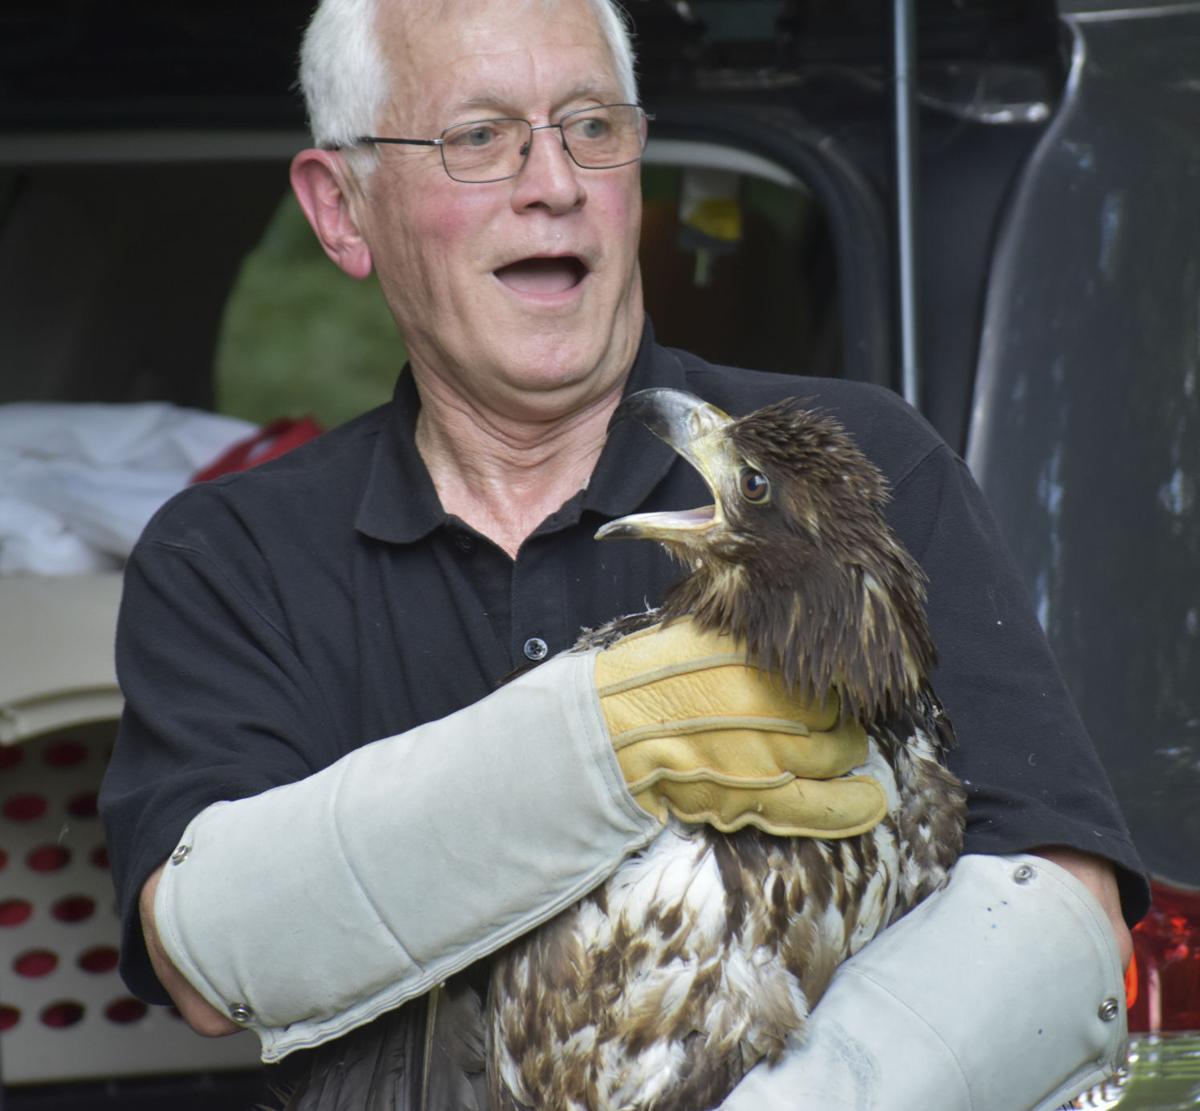 One Unhappy Bird